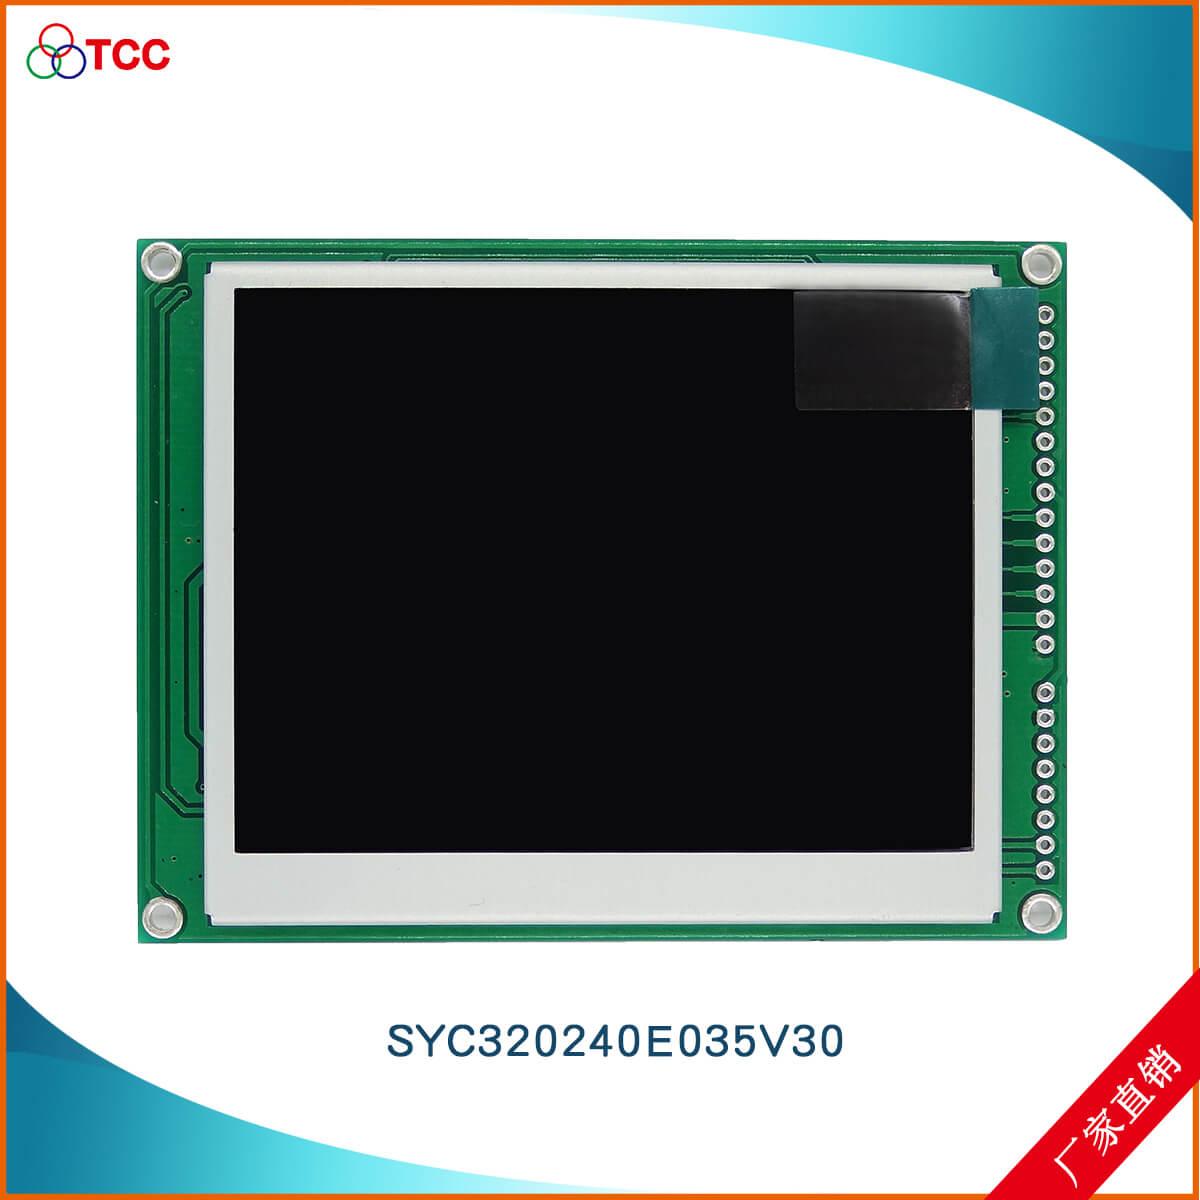 有品质的320x240点阵TFT彩屏,别错过三元晶科技